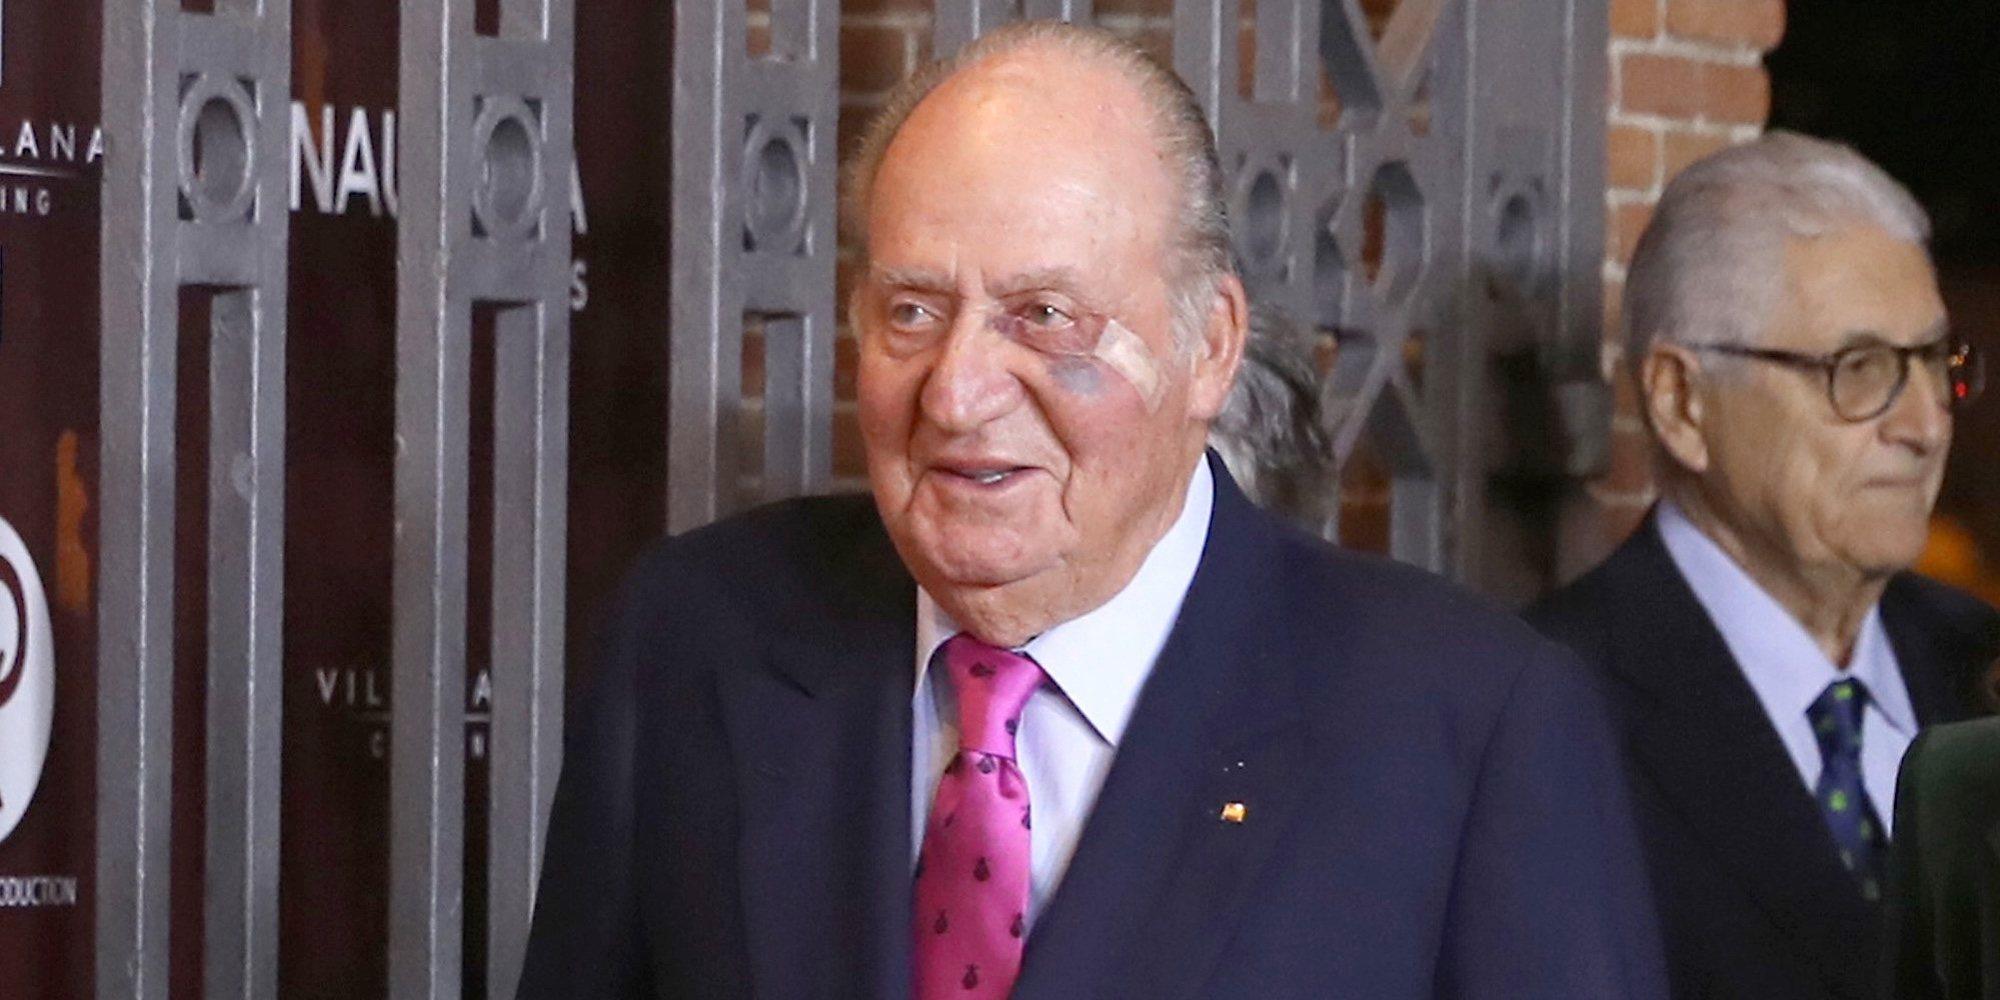 El Rey Juan Carlos se recupera de su operación de carcinoma basocelular disfrutando del vino y las regatas en Galicia